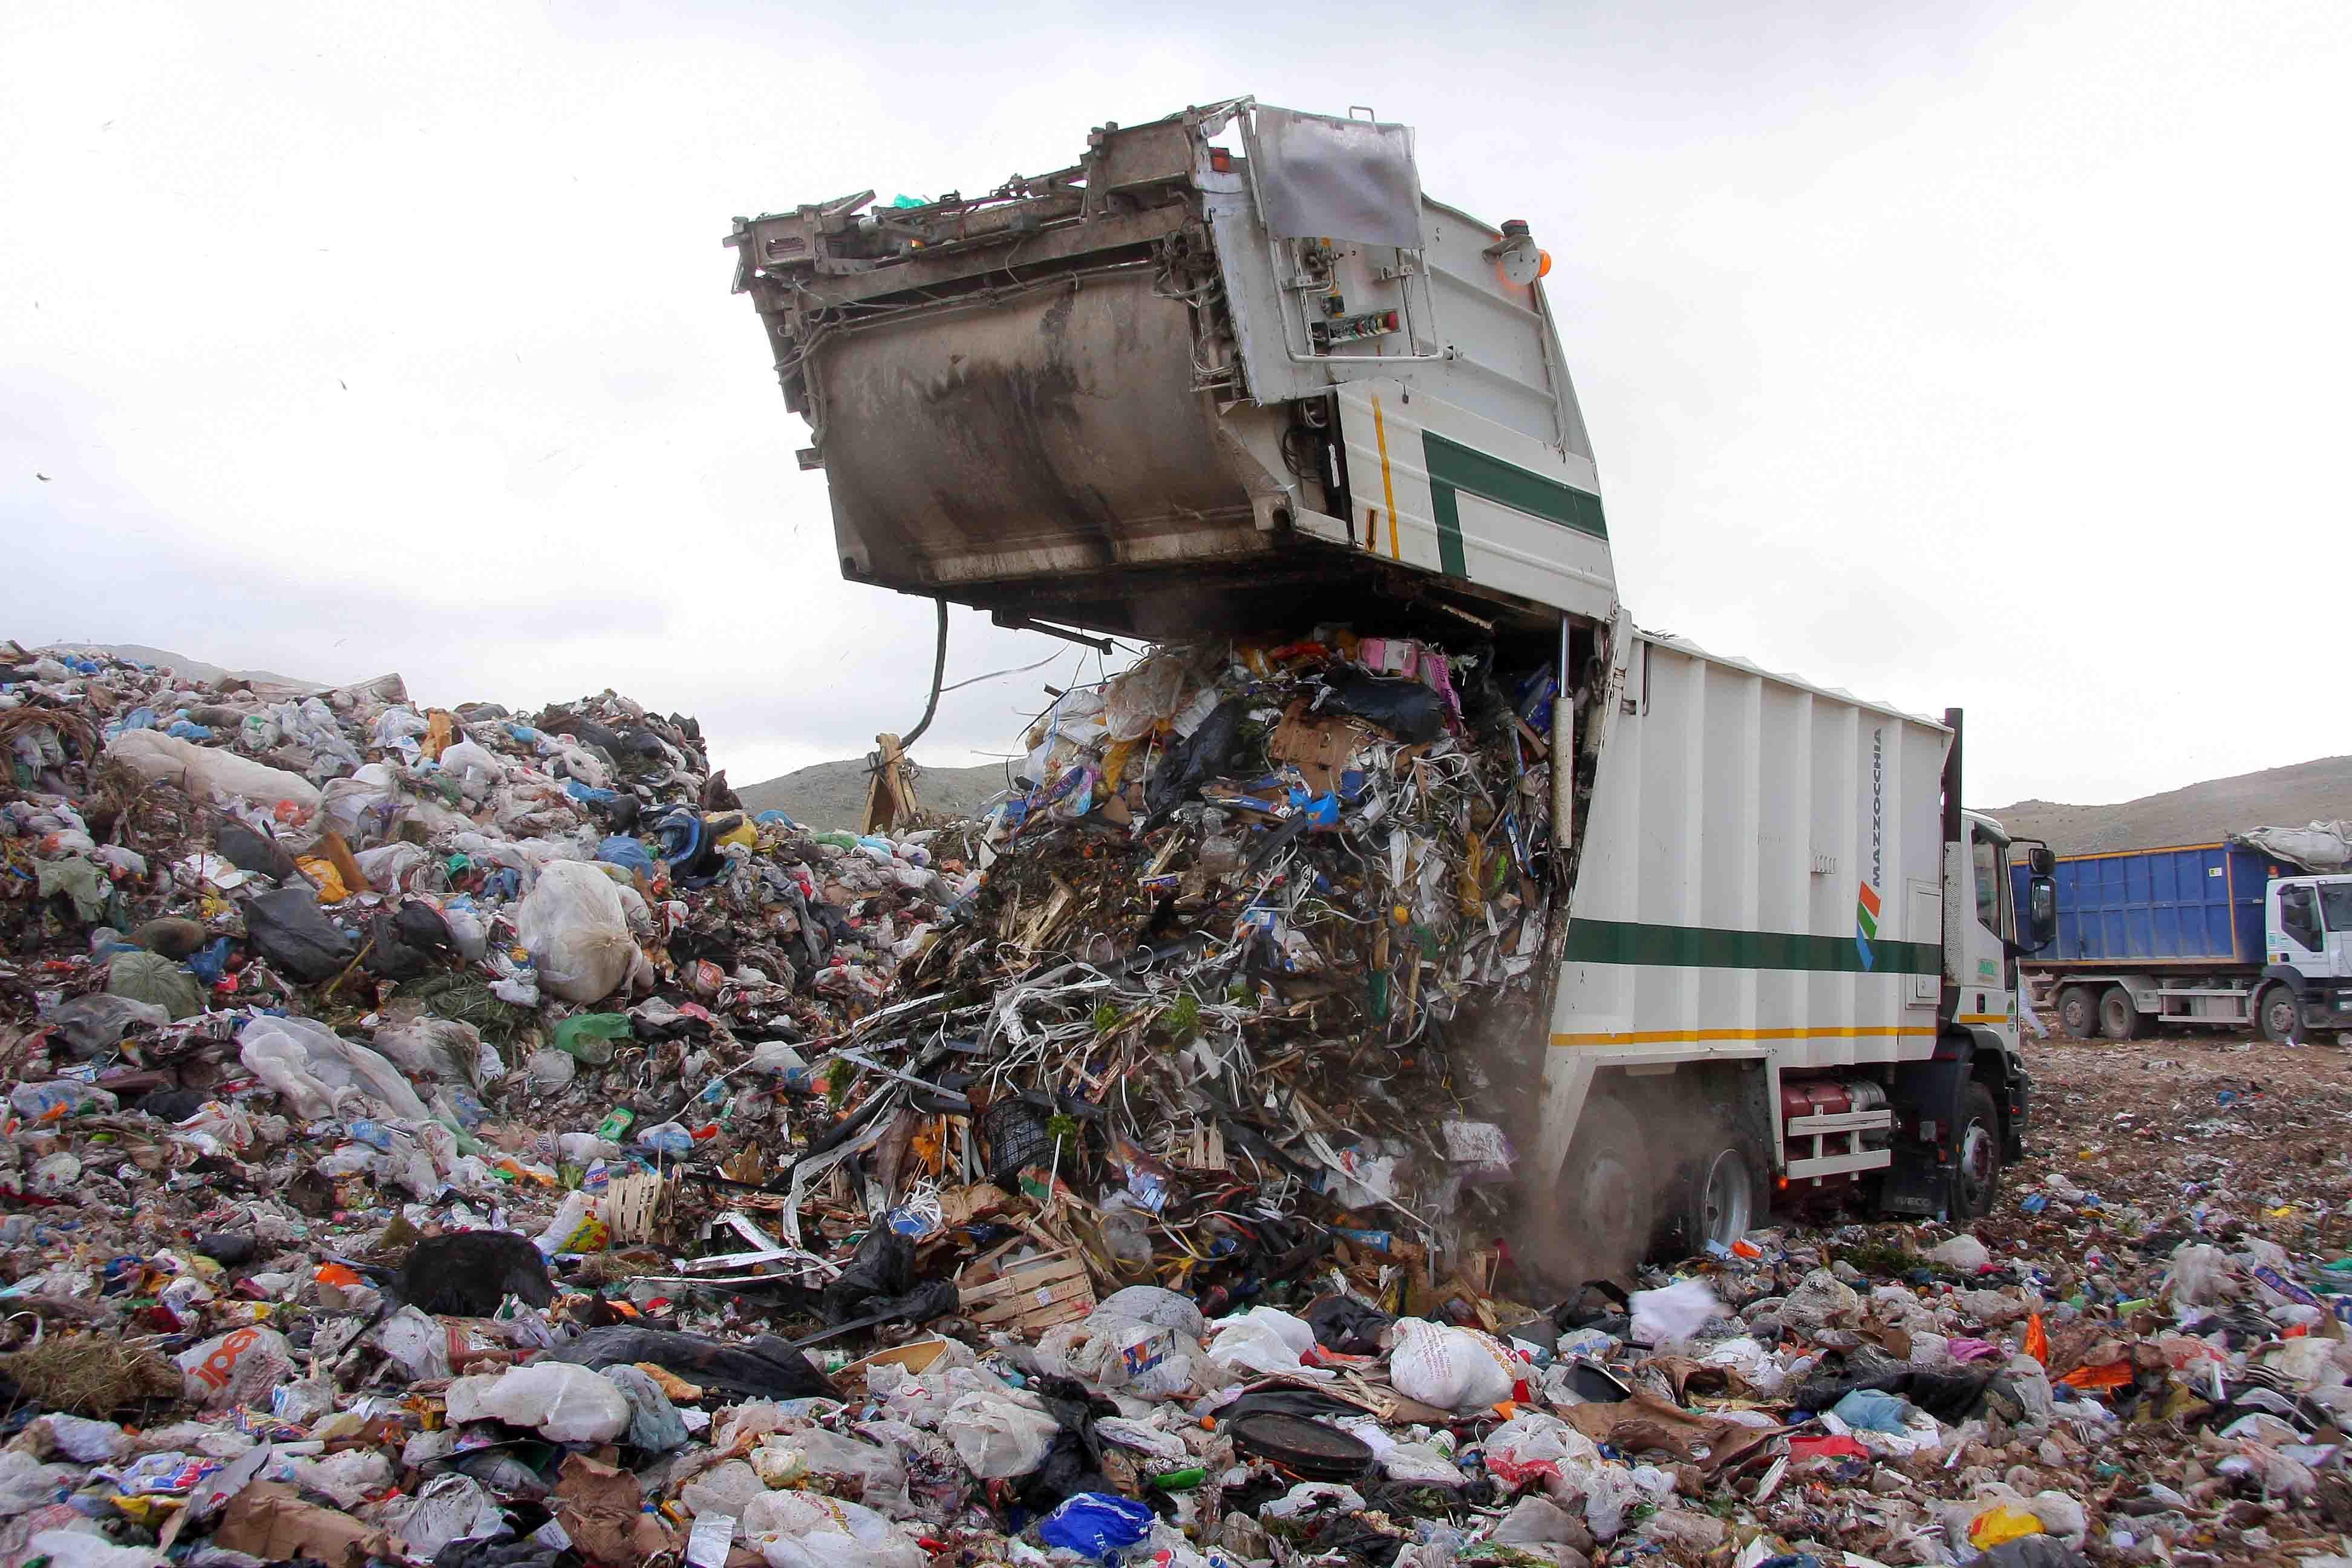 """Emergenza rifiuti nel palermitano, cinquanta sindaci lanciano l'allarme: """"Rischio aumento tassa sui rifiuti"""" (VIDEO)"""